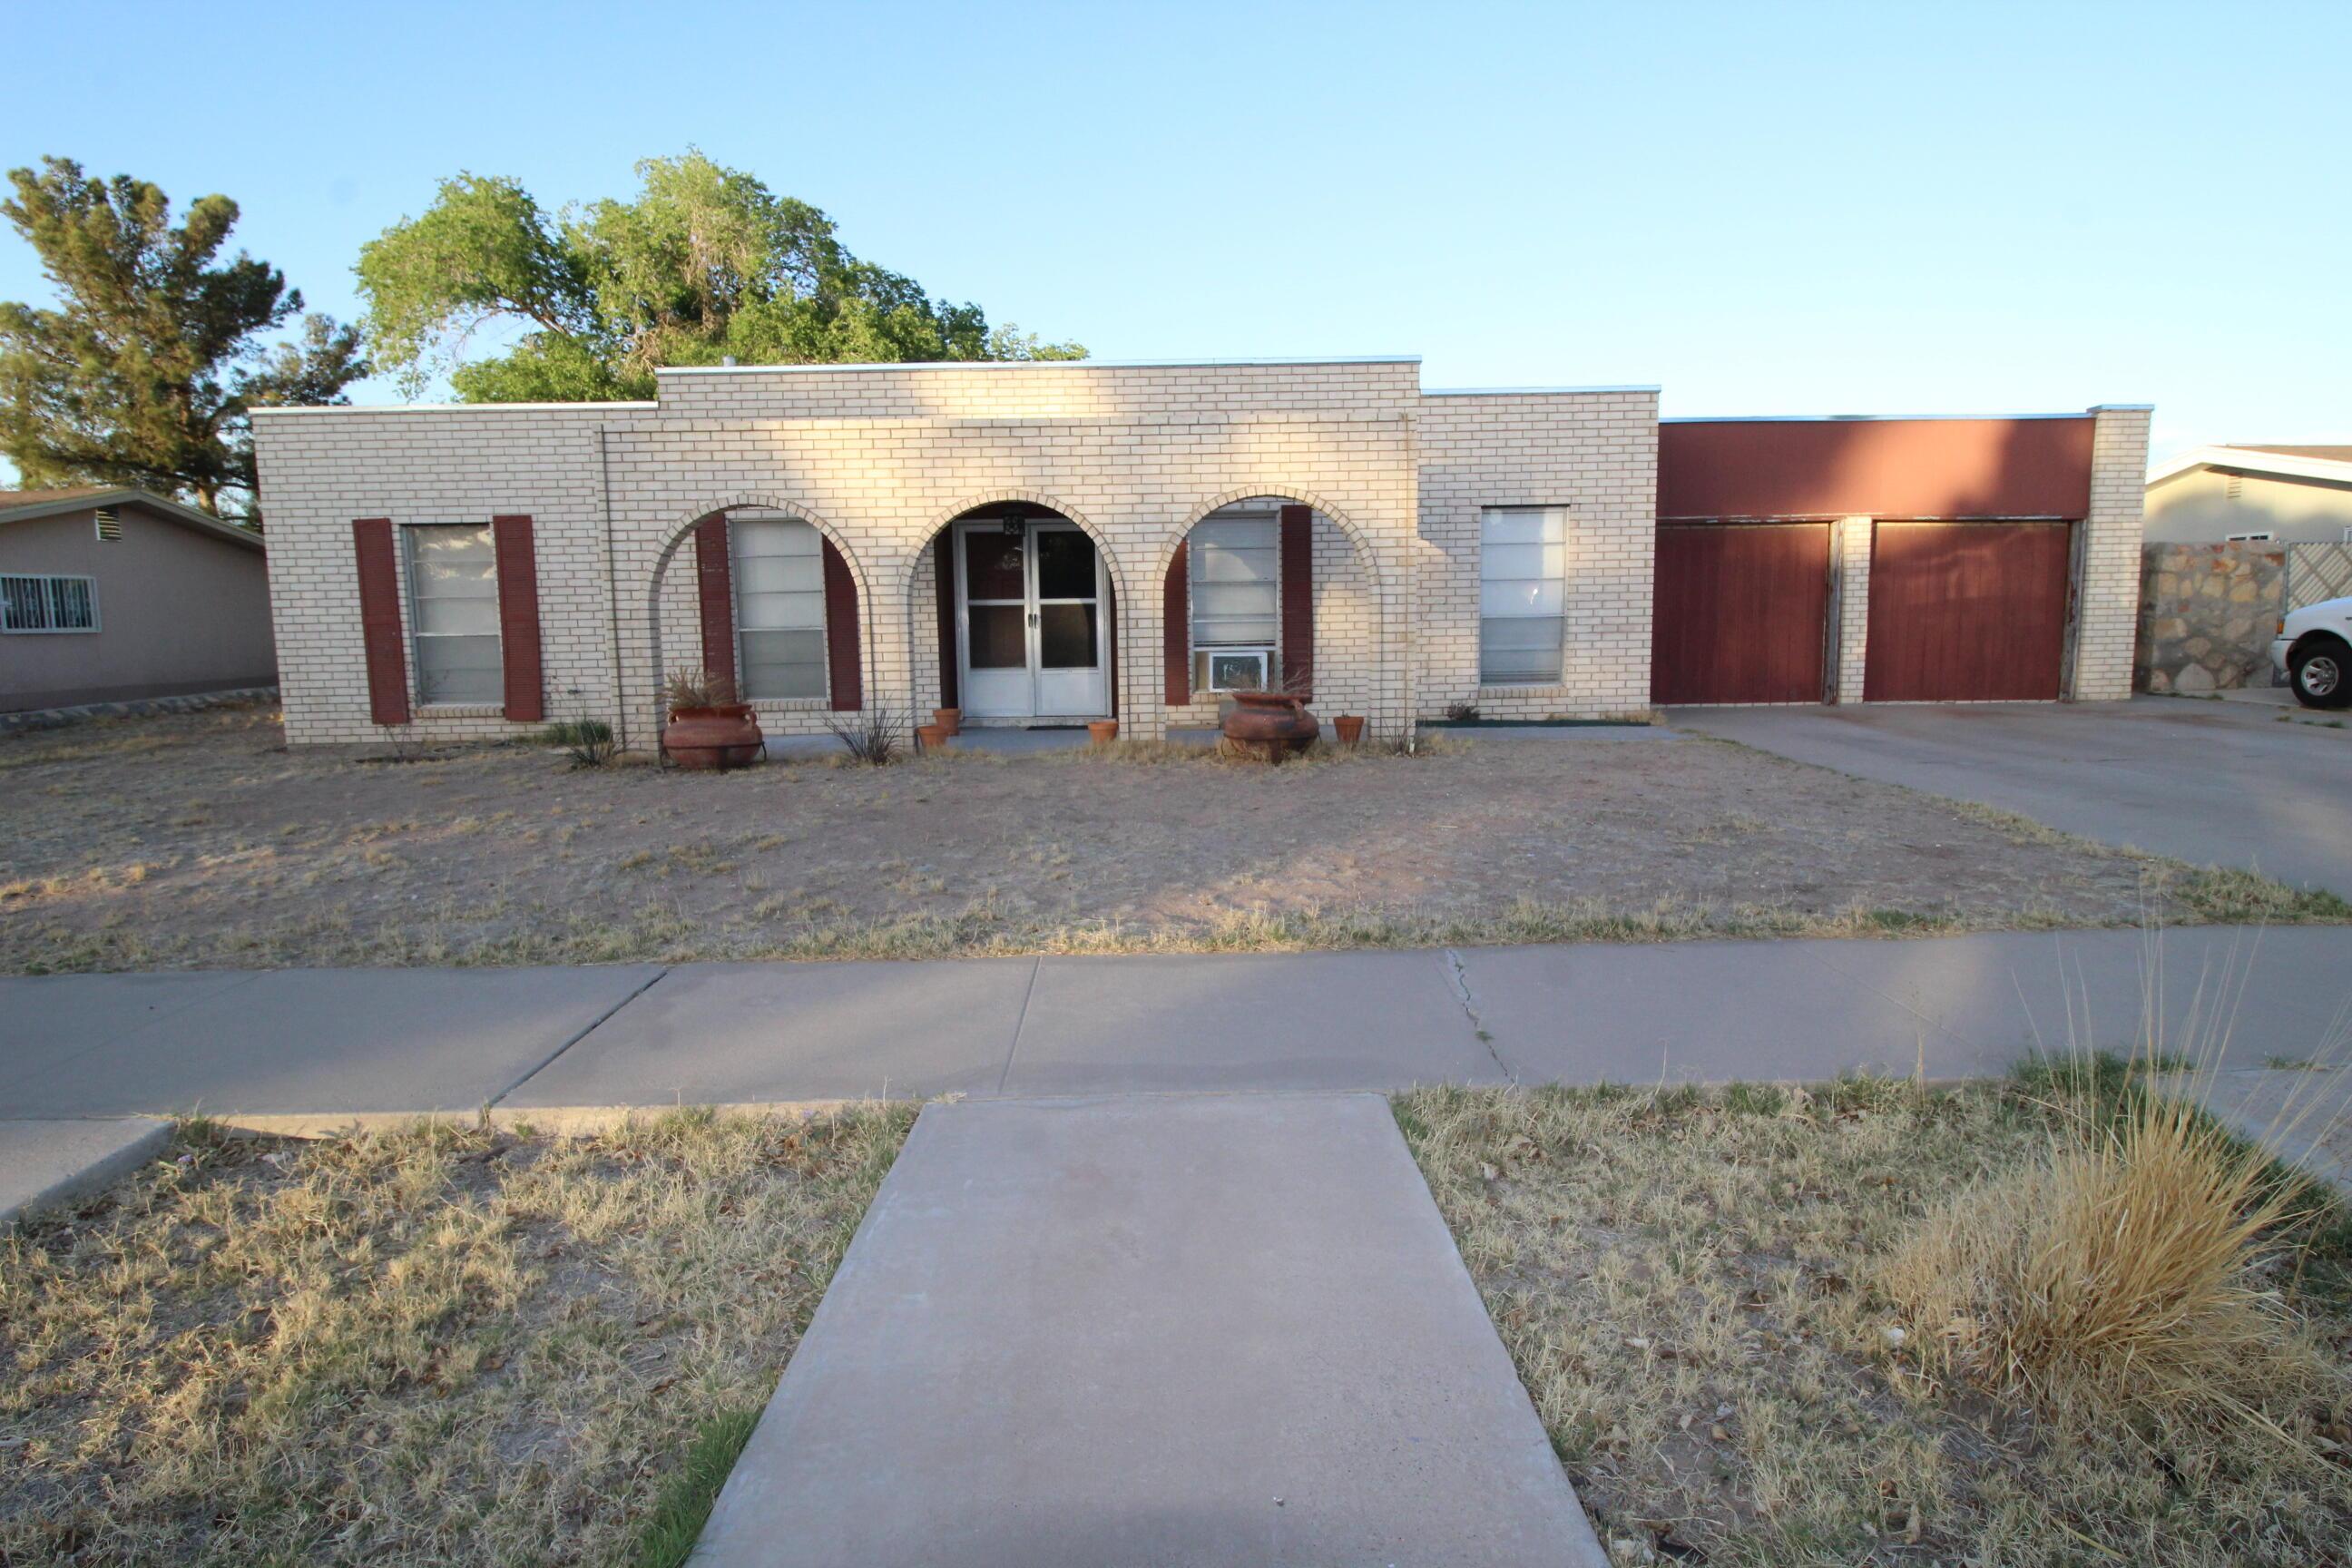 14865 HOLDEN, Horizon City, Texas 79928, 2 Bedrooms Bedrooms, ,2 BathroomsBathrooms,Residential,For sale,HOLDEN,844064